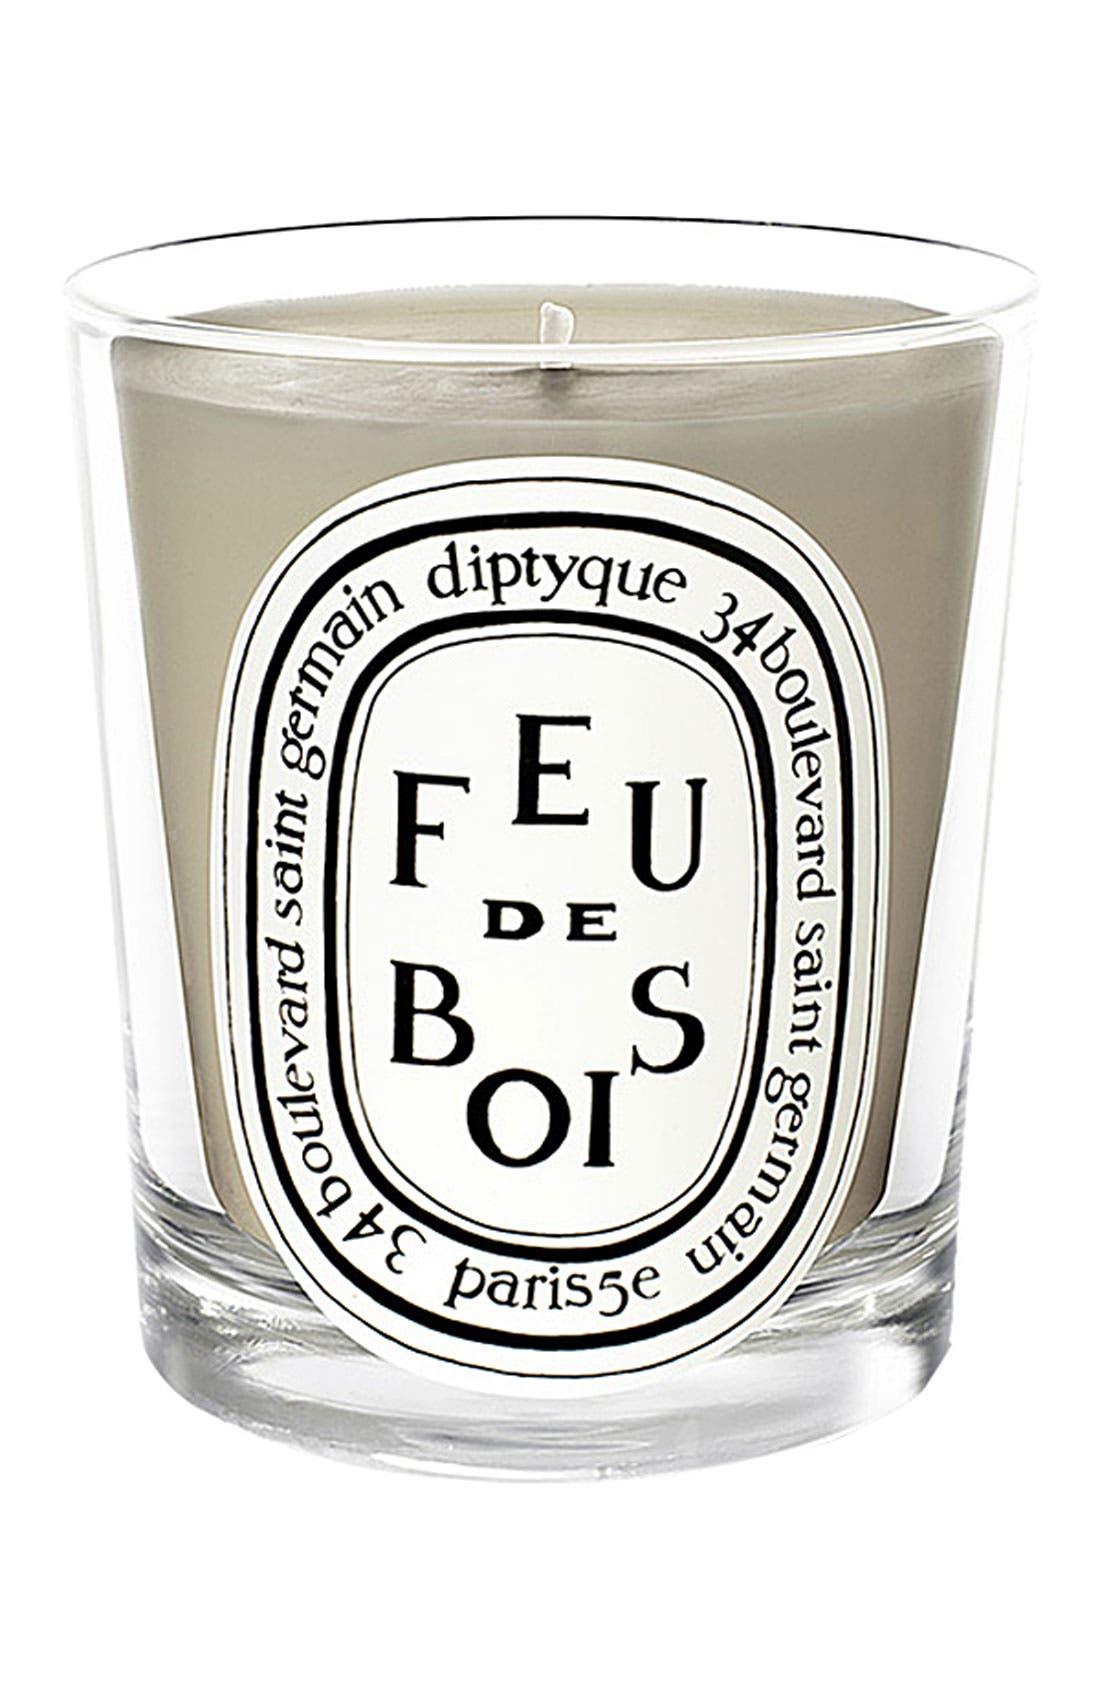 Feu de Bois/Wood Fire Scented Candle,                         Main,                         color,